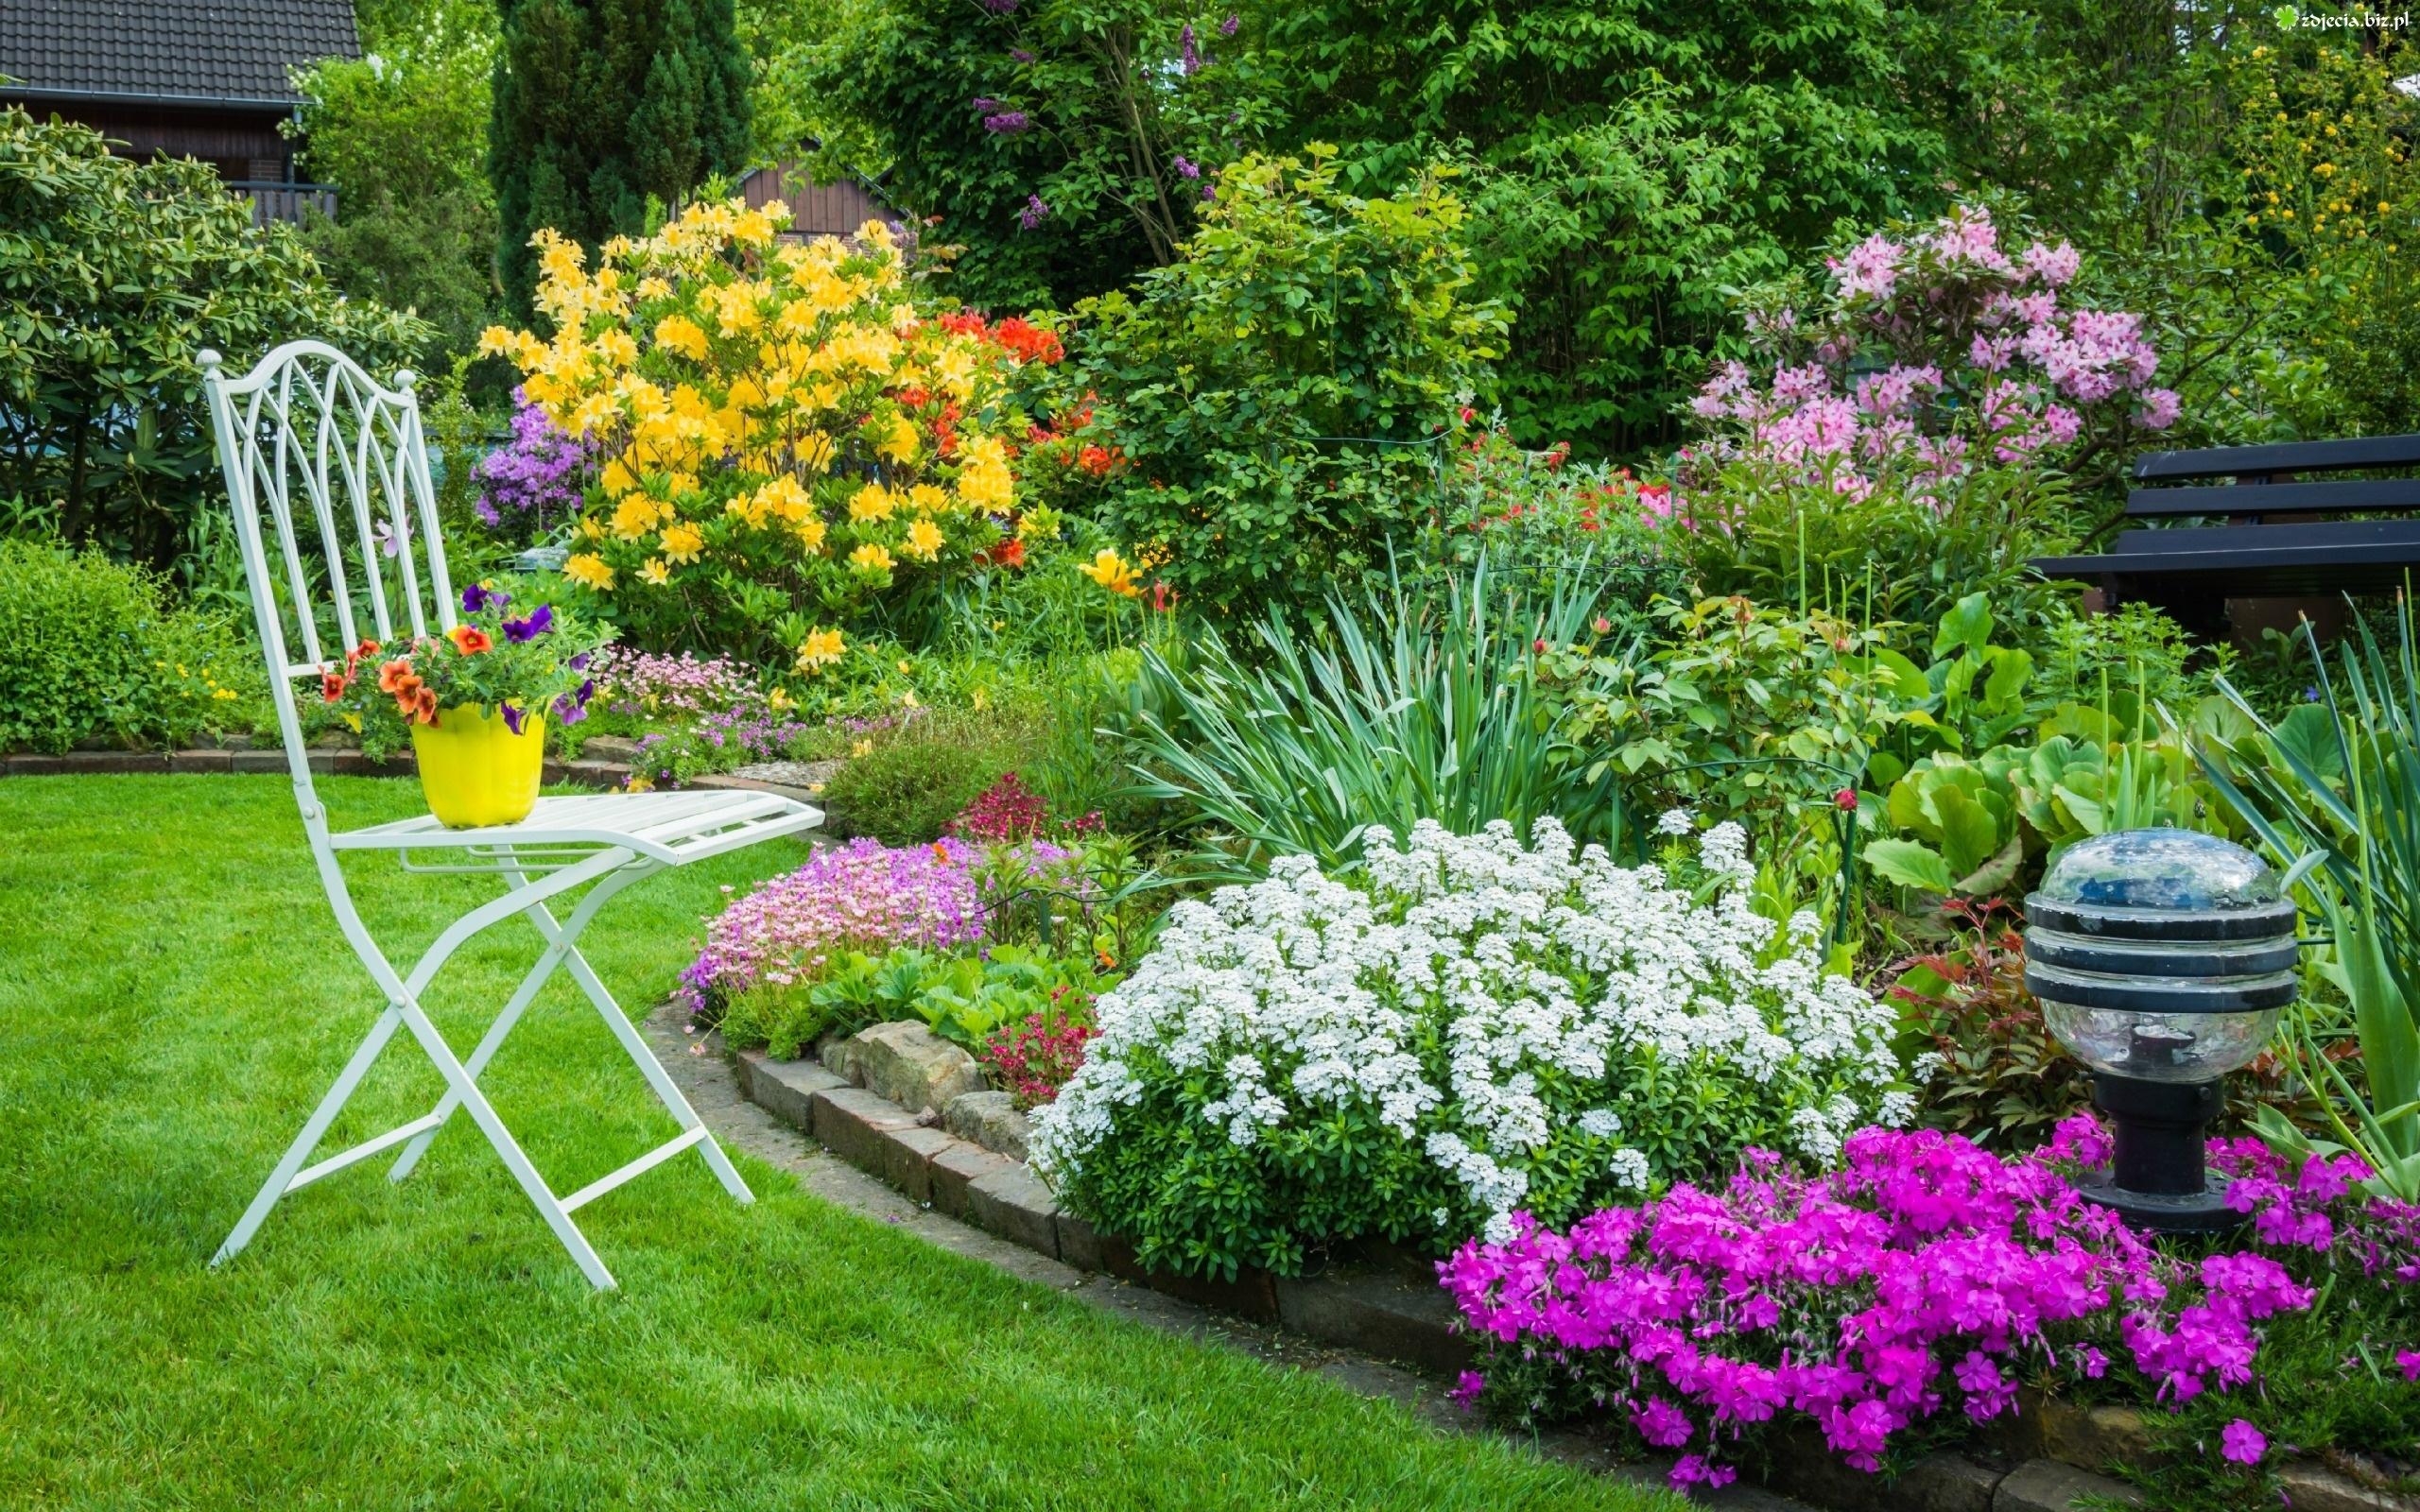 Zdjęcie Ogród, Kwietniki, Kwitnące, Krzewy, Drzewa, Ławka, Wiosna